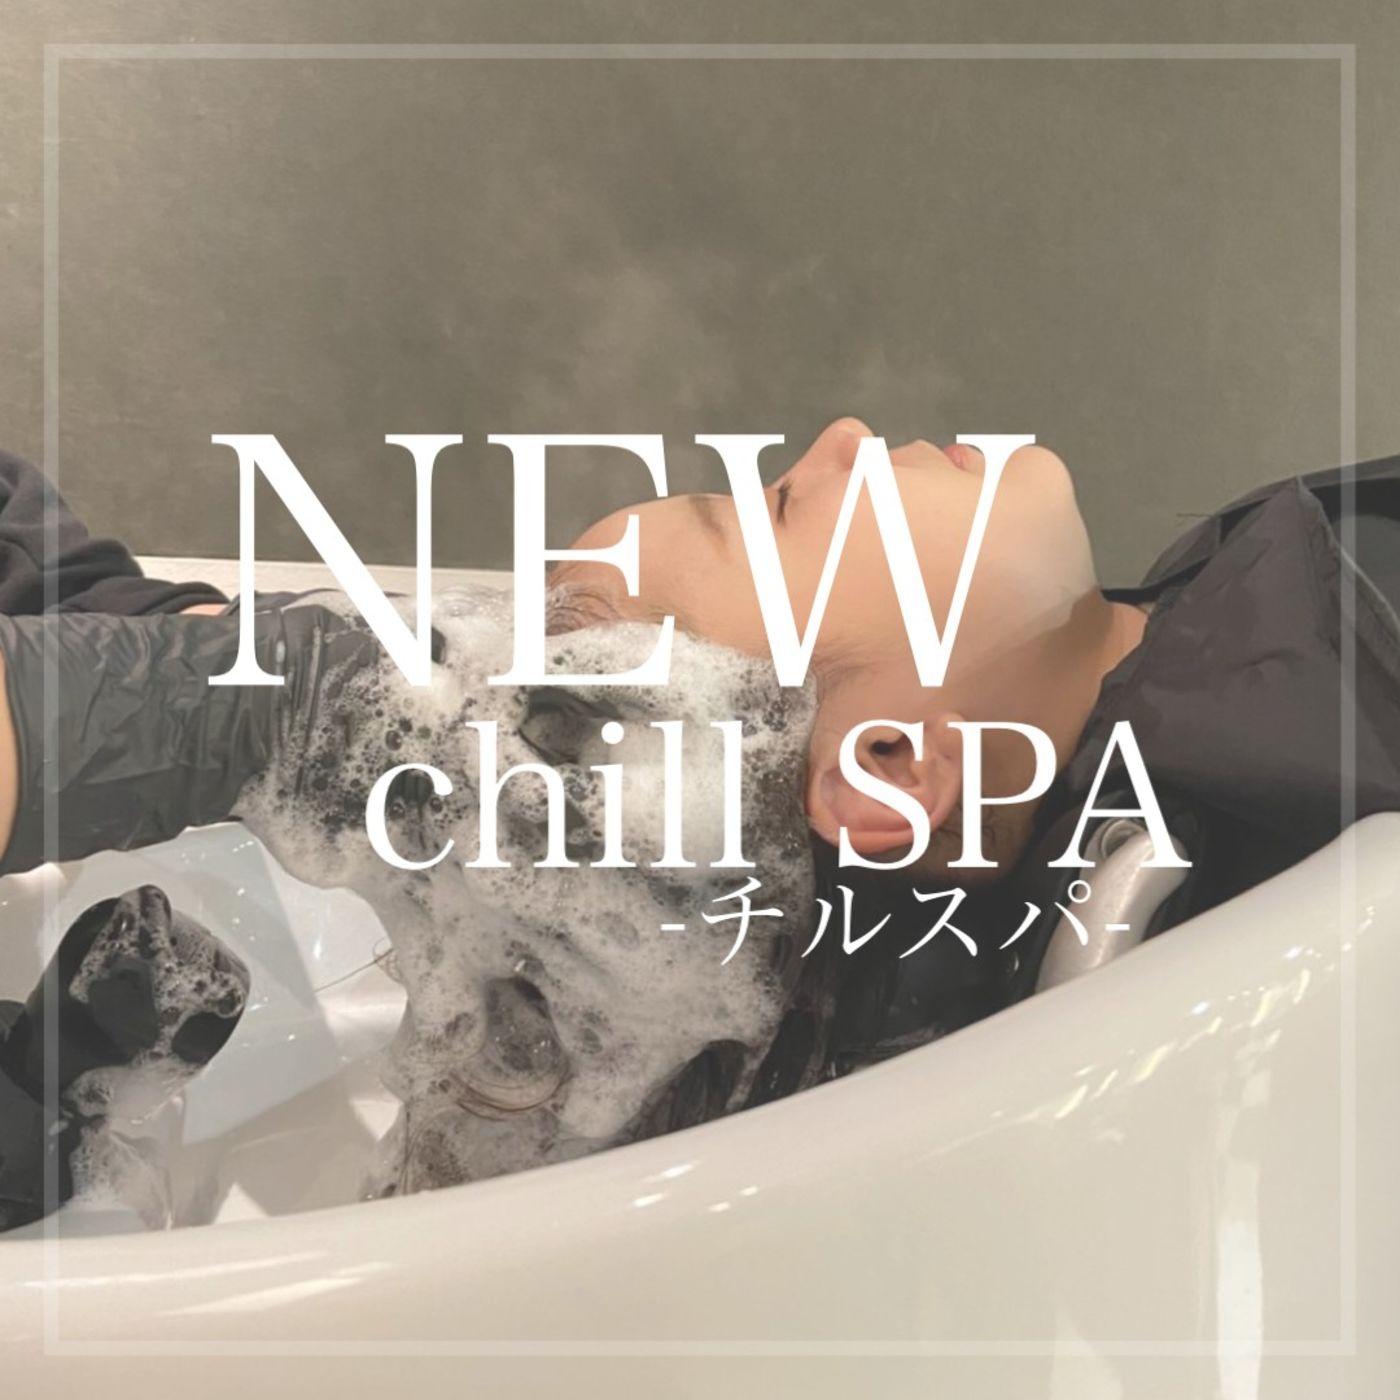 新メニューの『chill SPA』体験しましたか!?